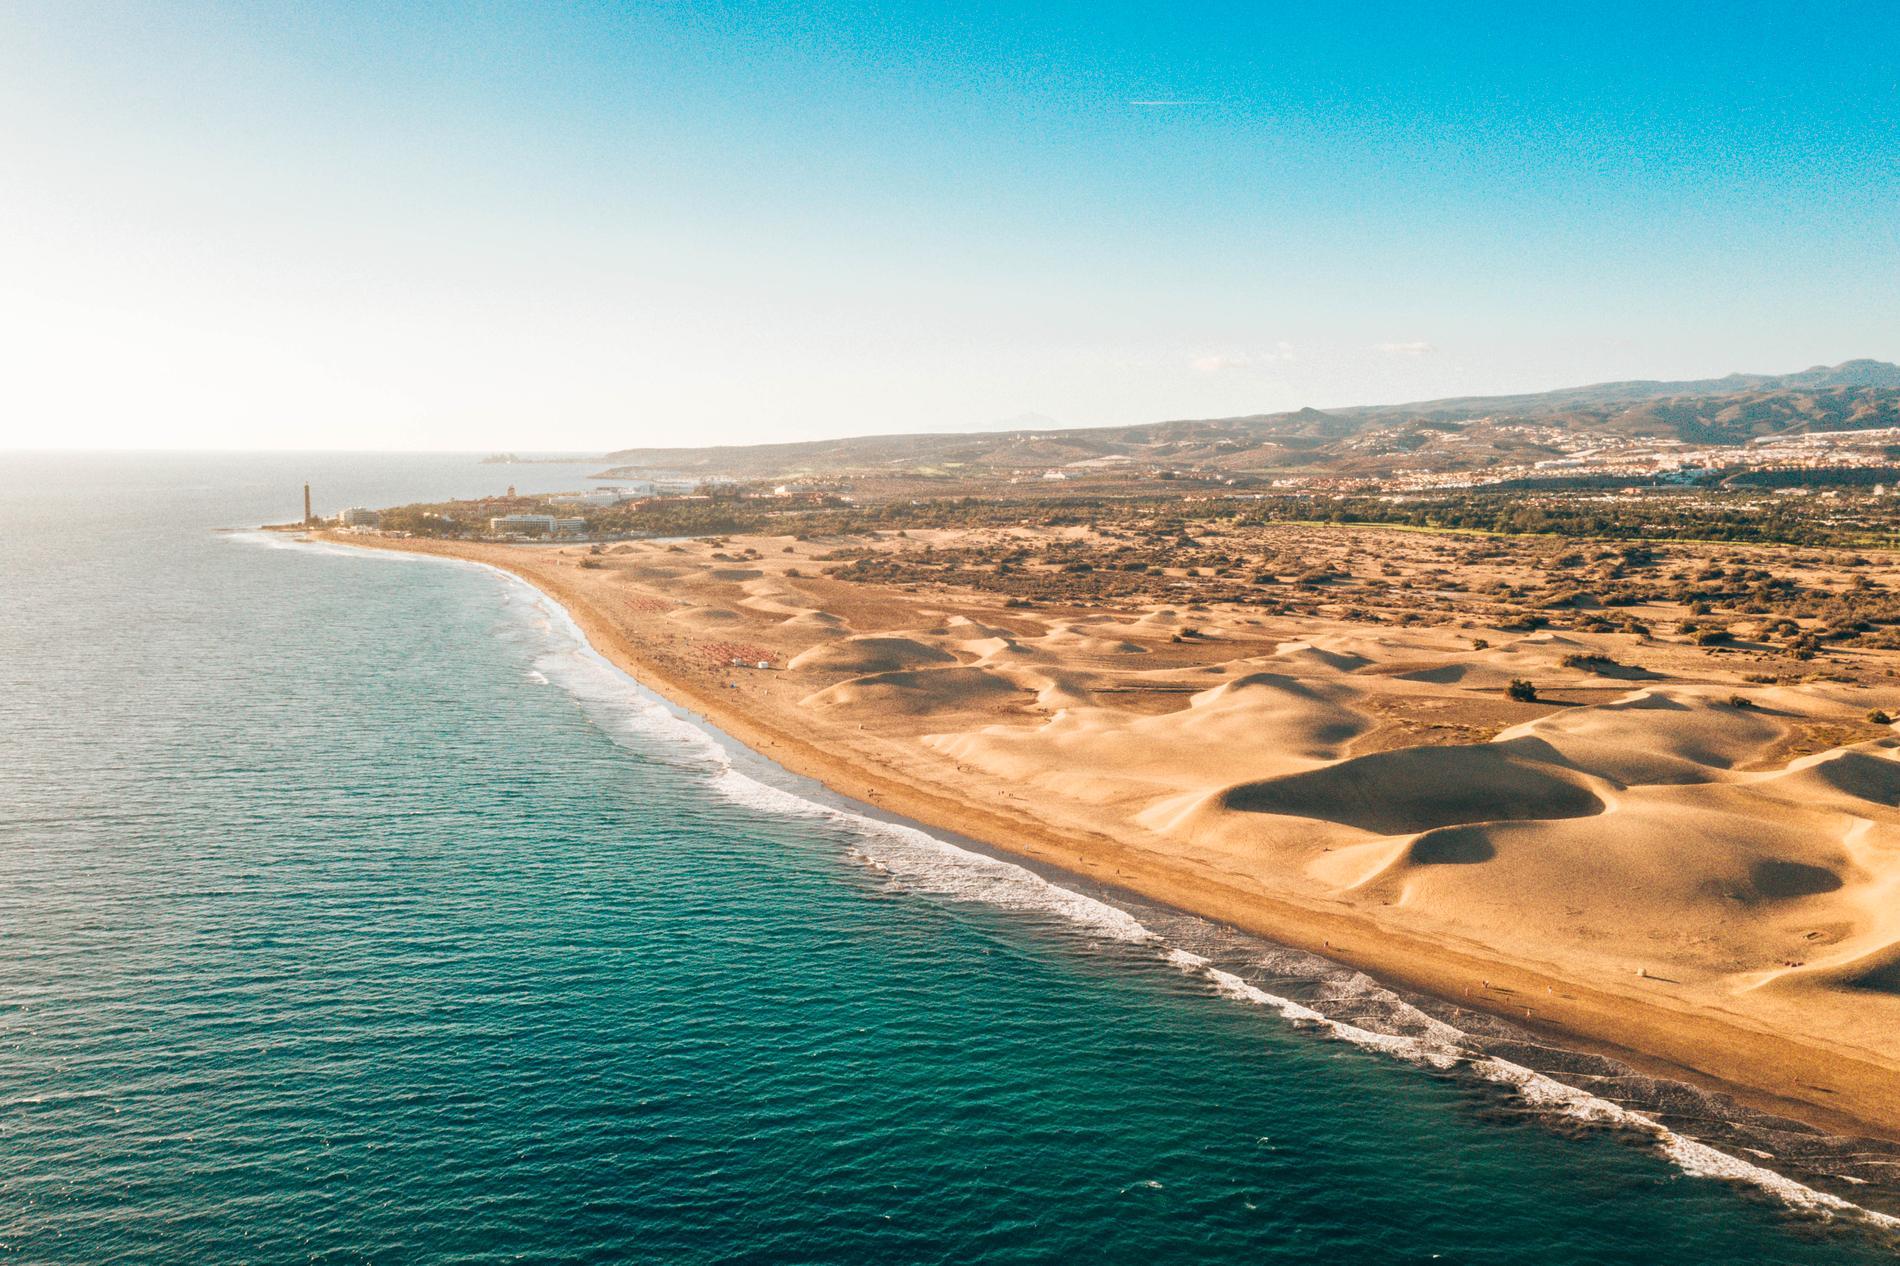 Vid Maspalomas finns stora sanddyner.